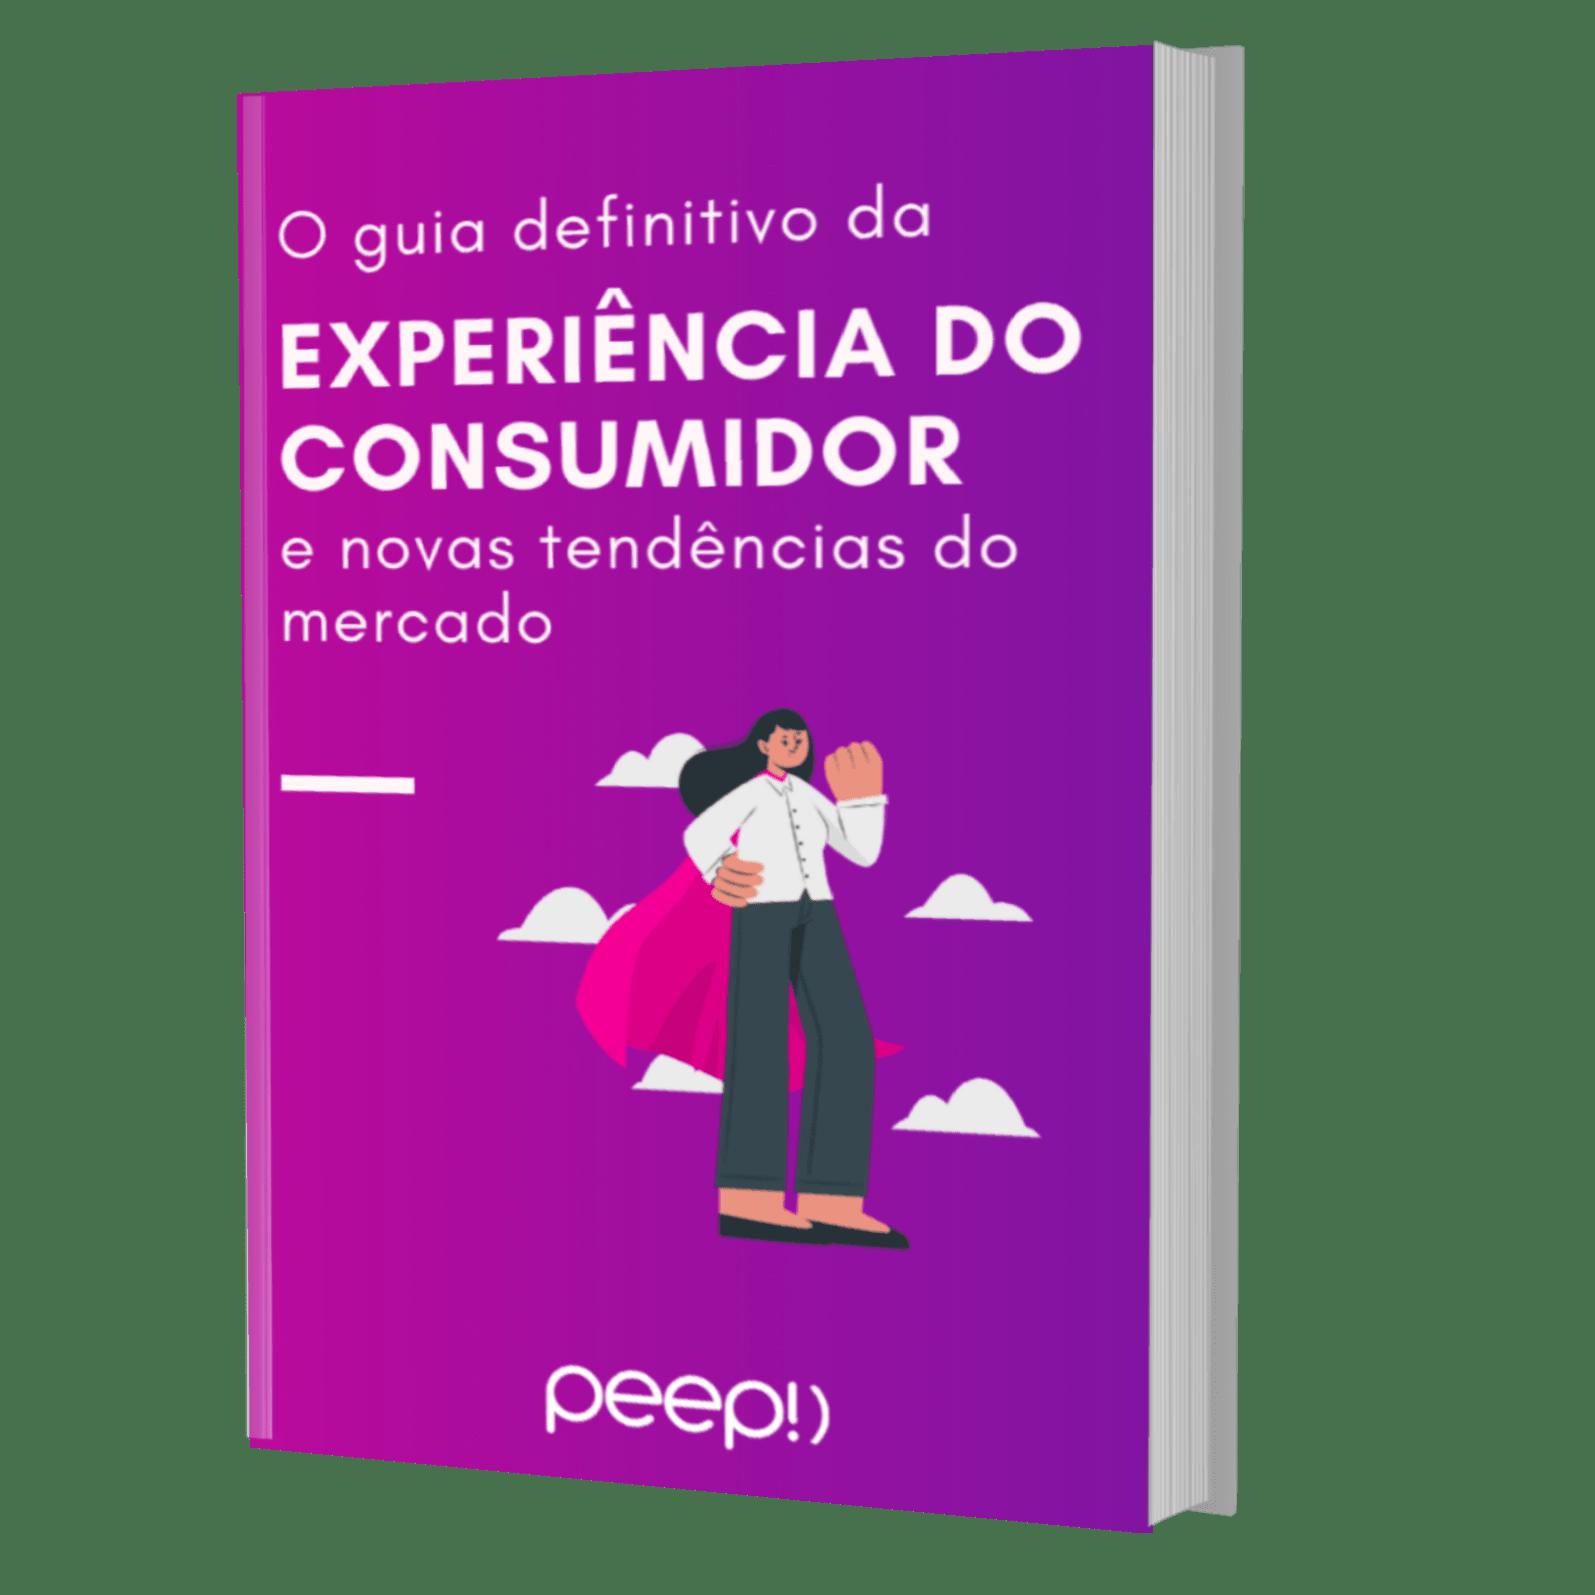 O guia definitivo da experiência do consumidor e novas tendências do mercado